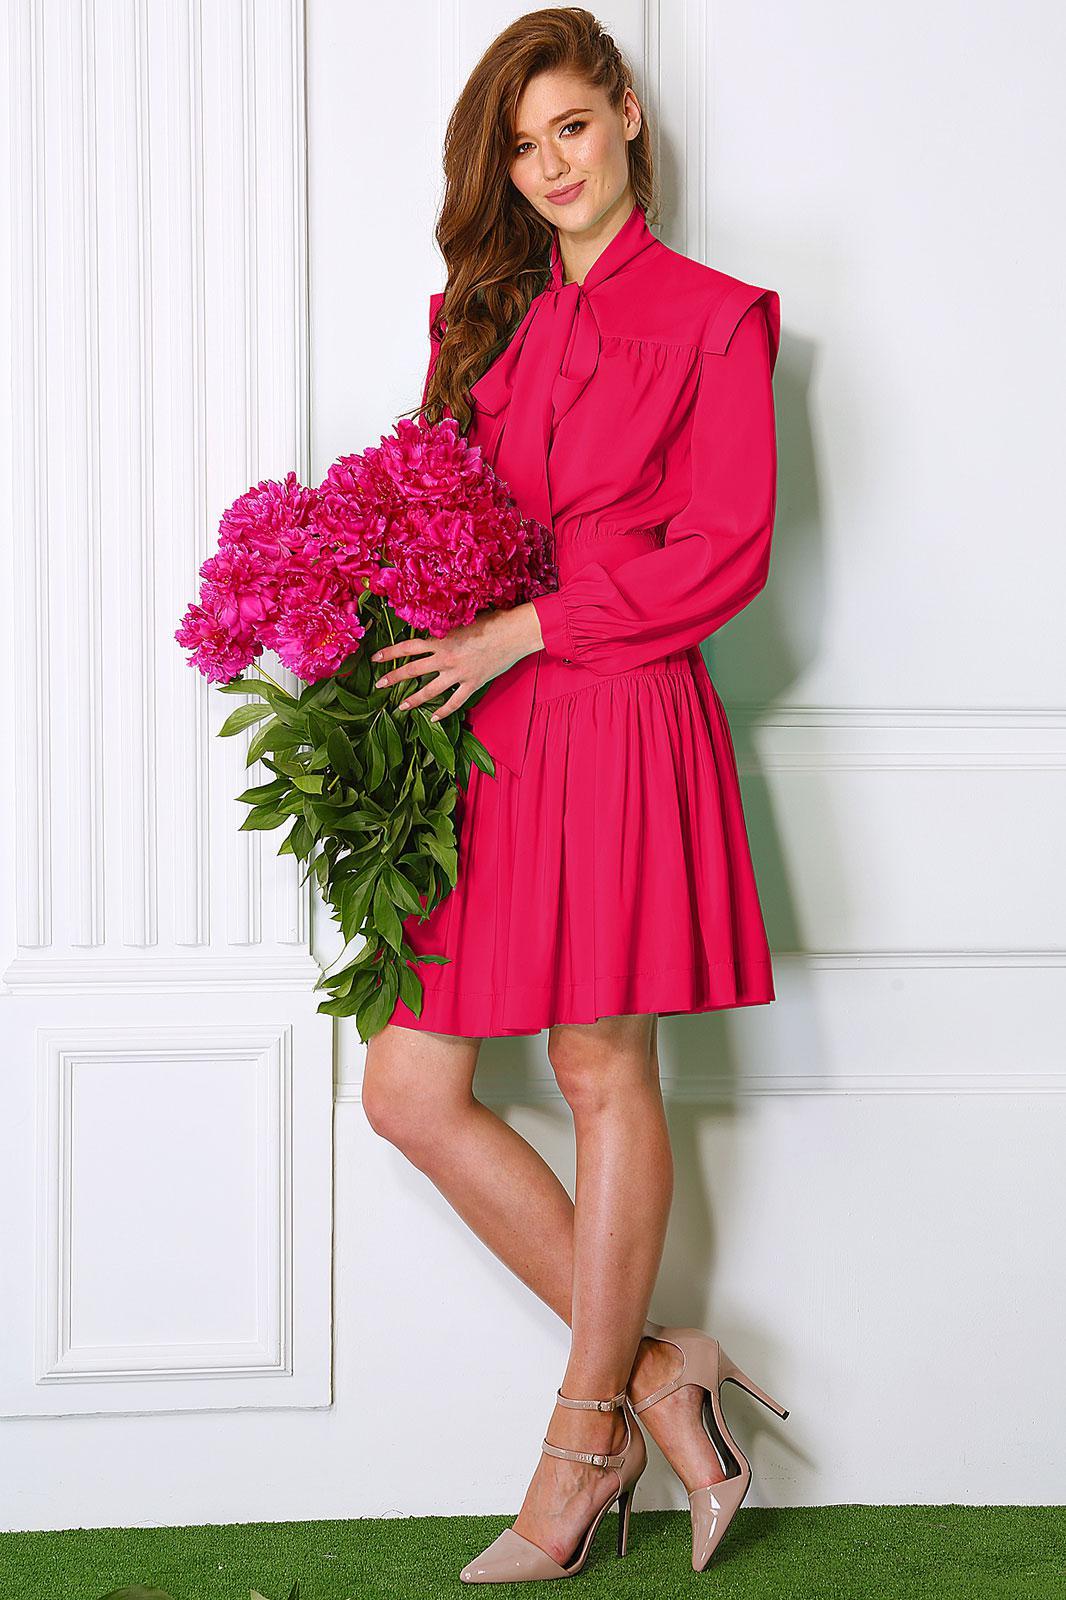 Купить Платье Мода-Юрс, 2322 оттенки розового, Беларусь